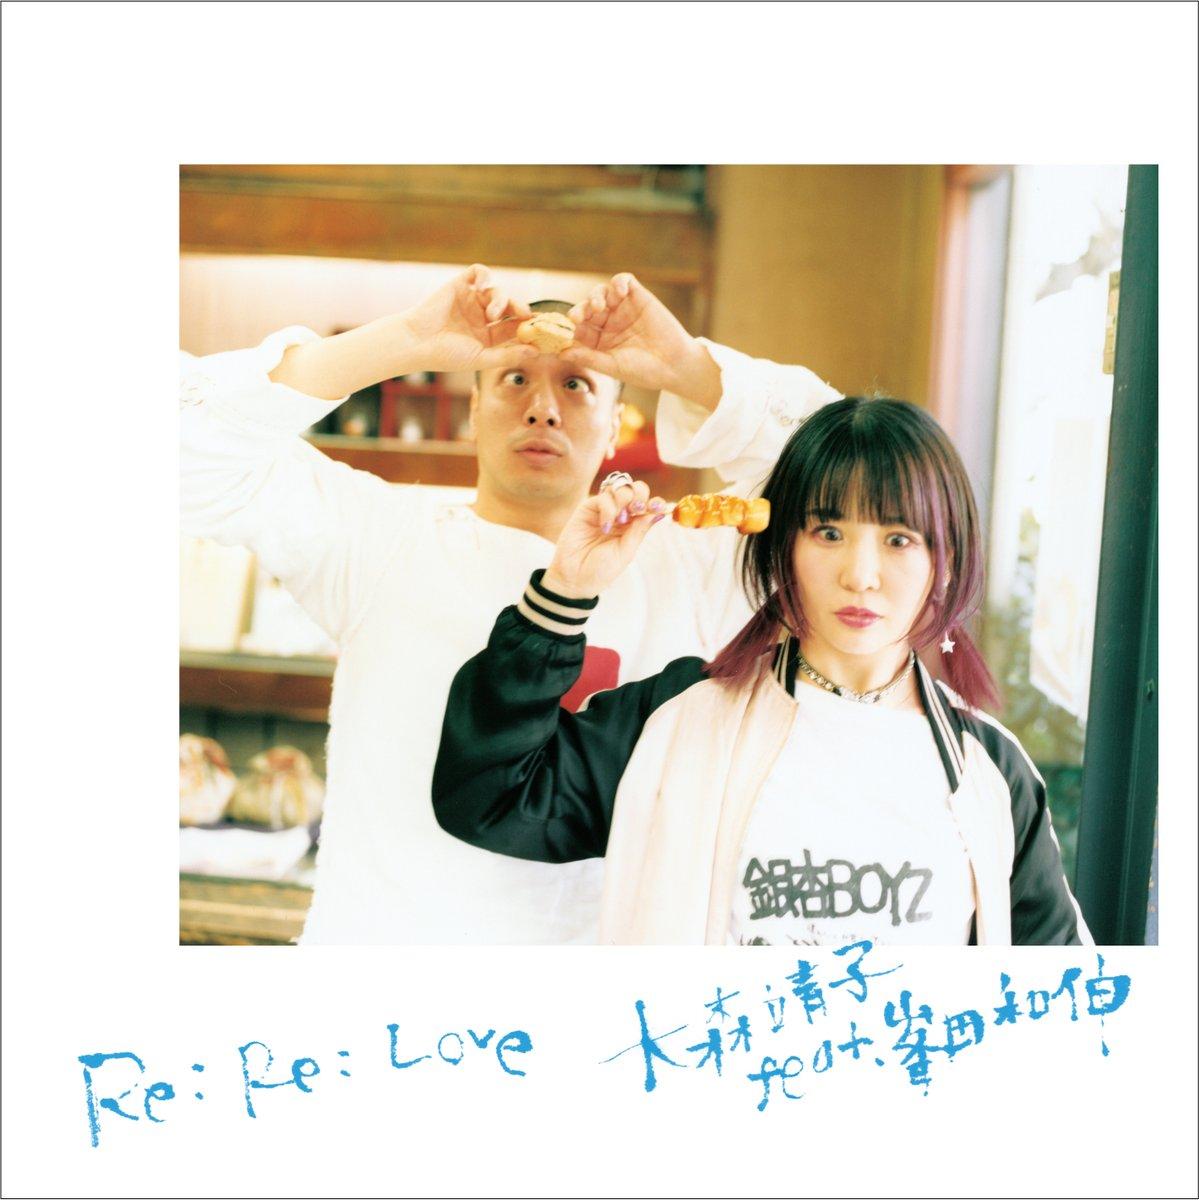 『大森靖子 - めっかわ』収録の『Re: Re: Love 大森靖子feat.峯田和伸』ジャケット